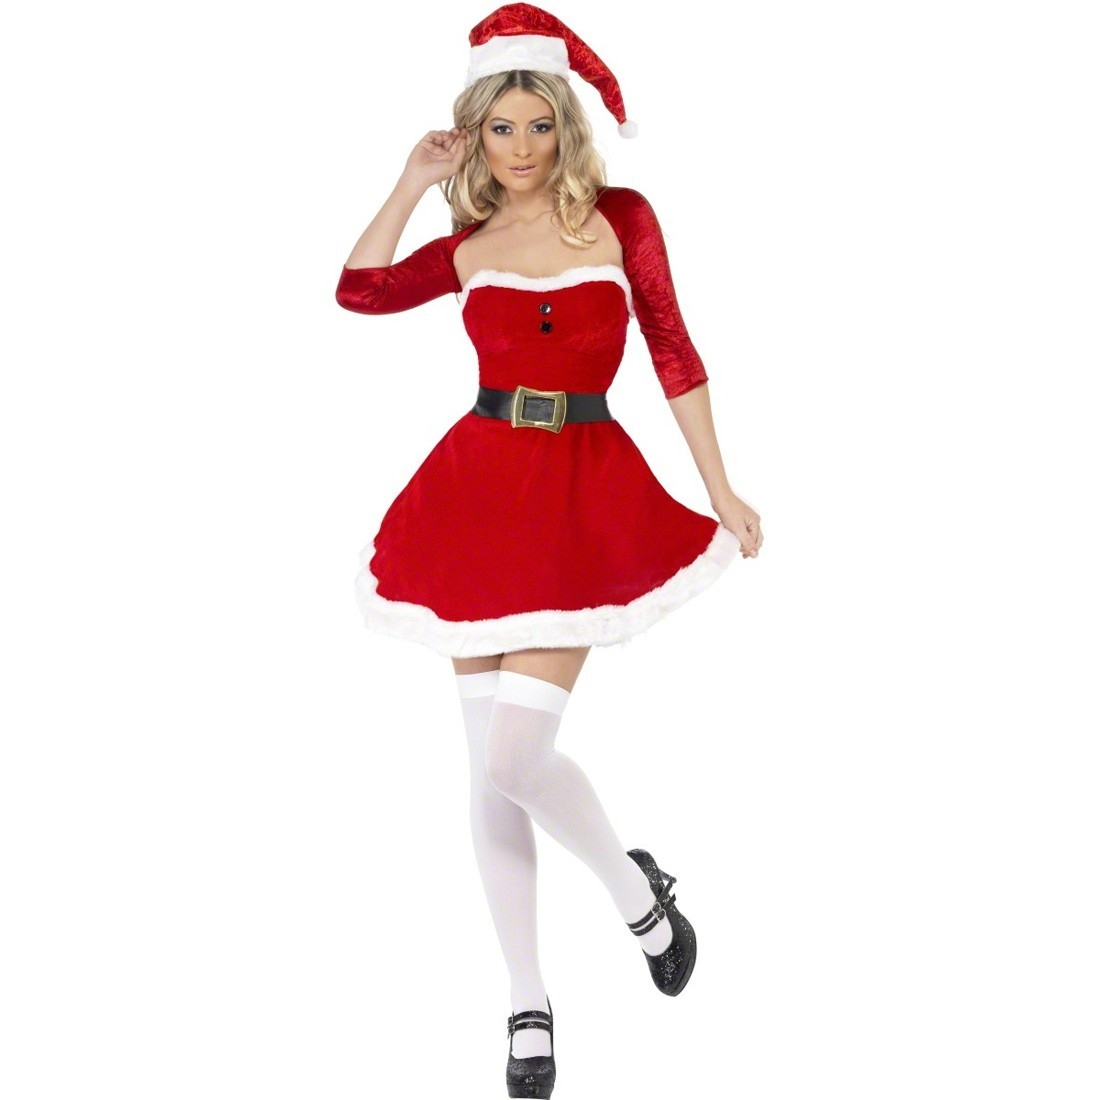 Schön Weihnachtskleid Damen SpezialgebietAbend Großartig Weihnachtskleid Damen Bester Preis